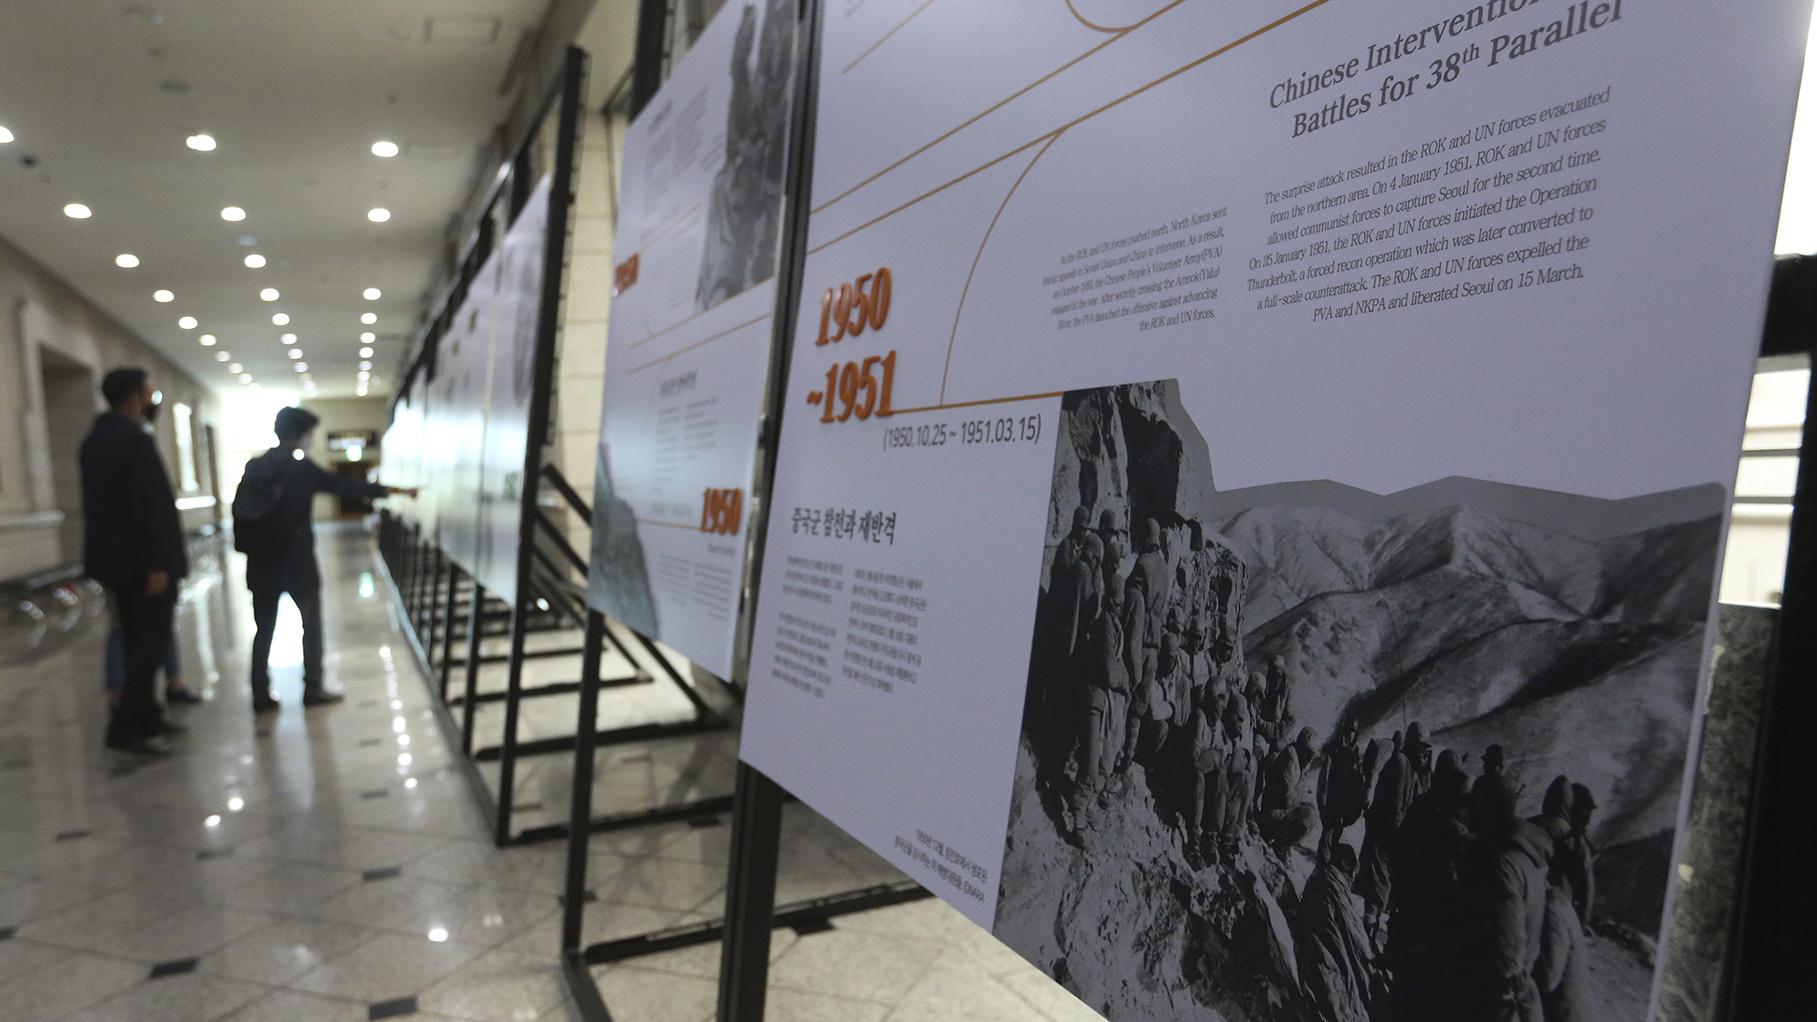 韩国朝鲜战争博物馆里展示的美军俘虏中国军人的照片。(美联社)